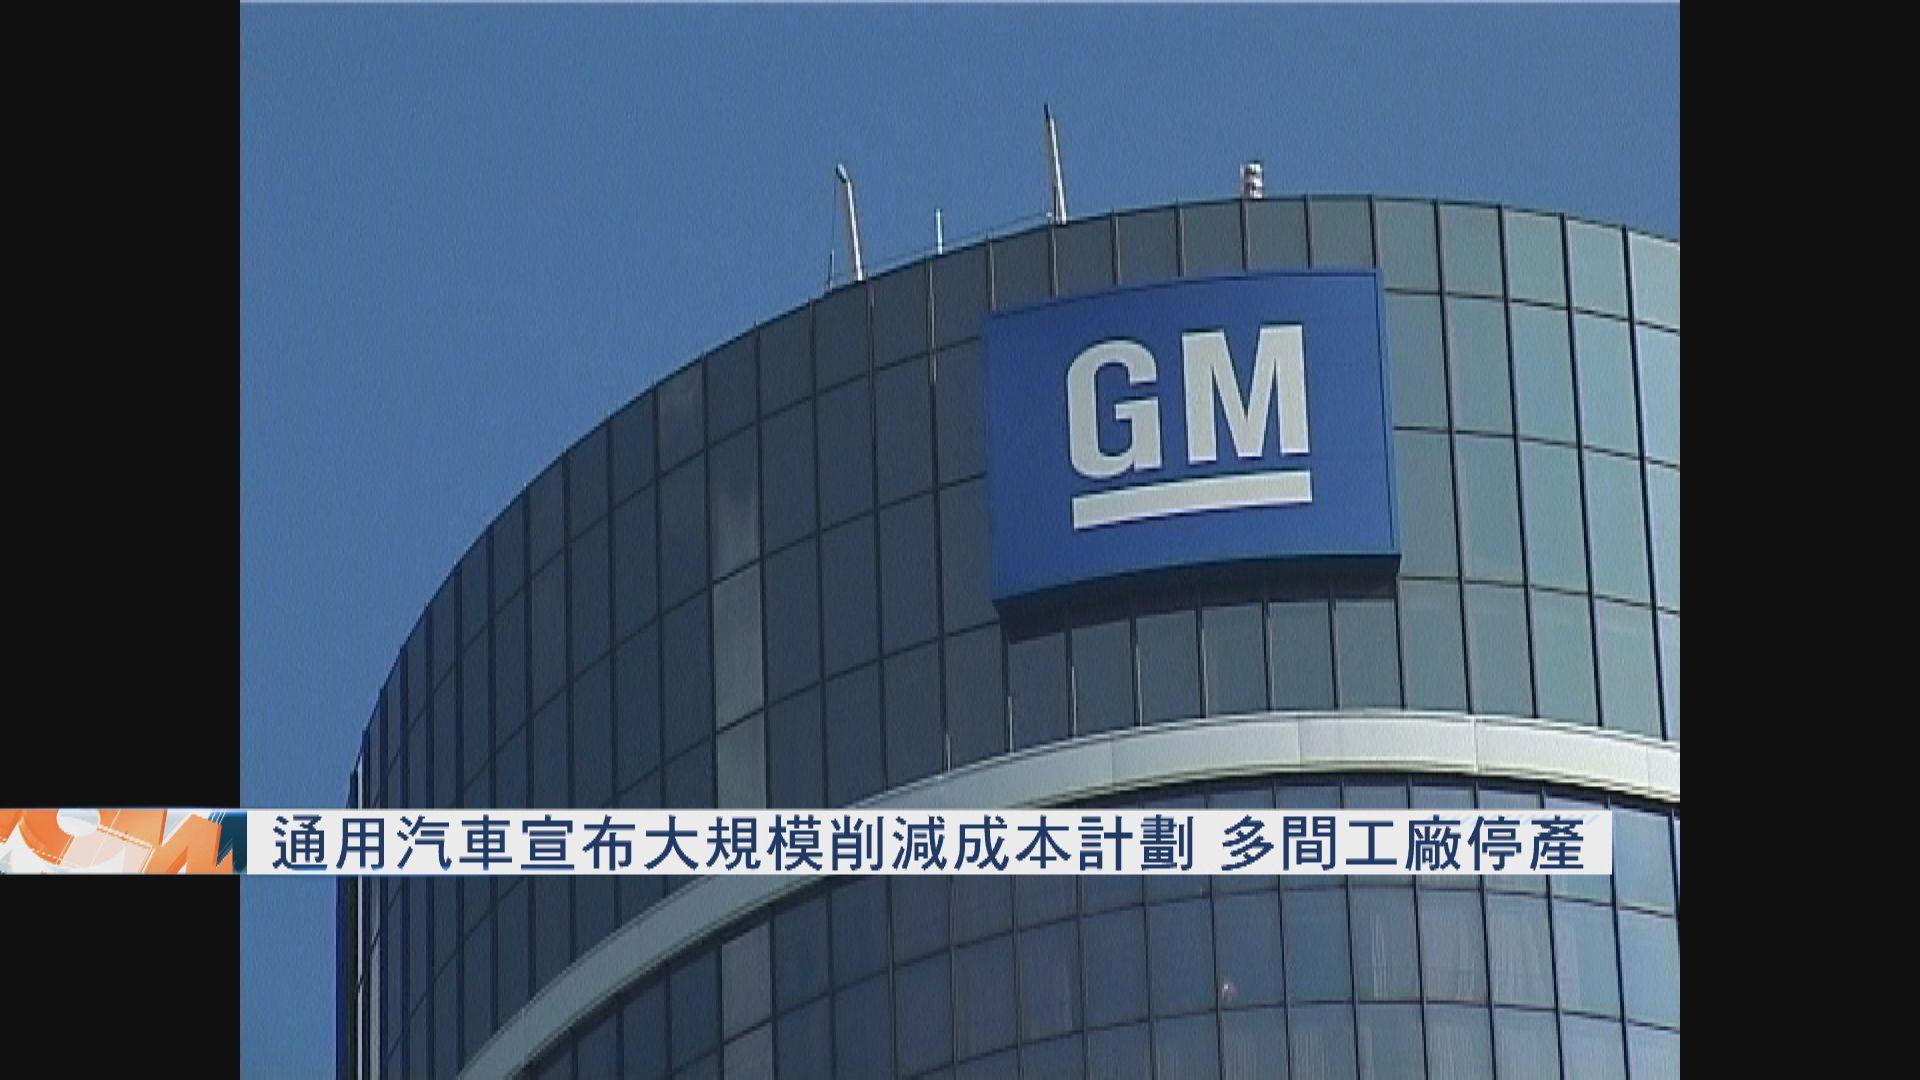 通用汽車宣布大規模削減成本計劃 多間工廠停產